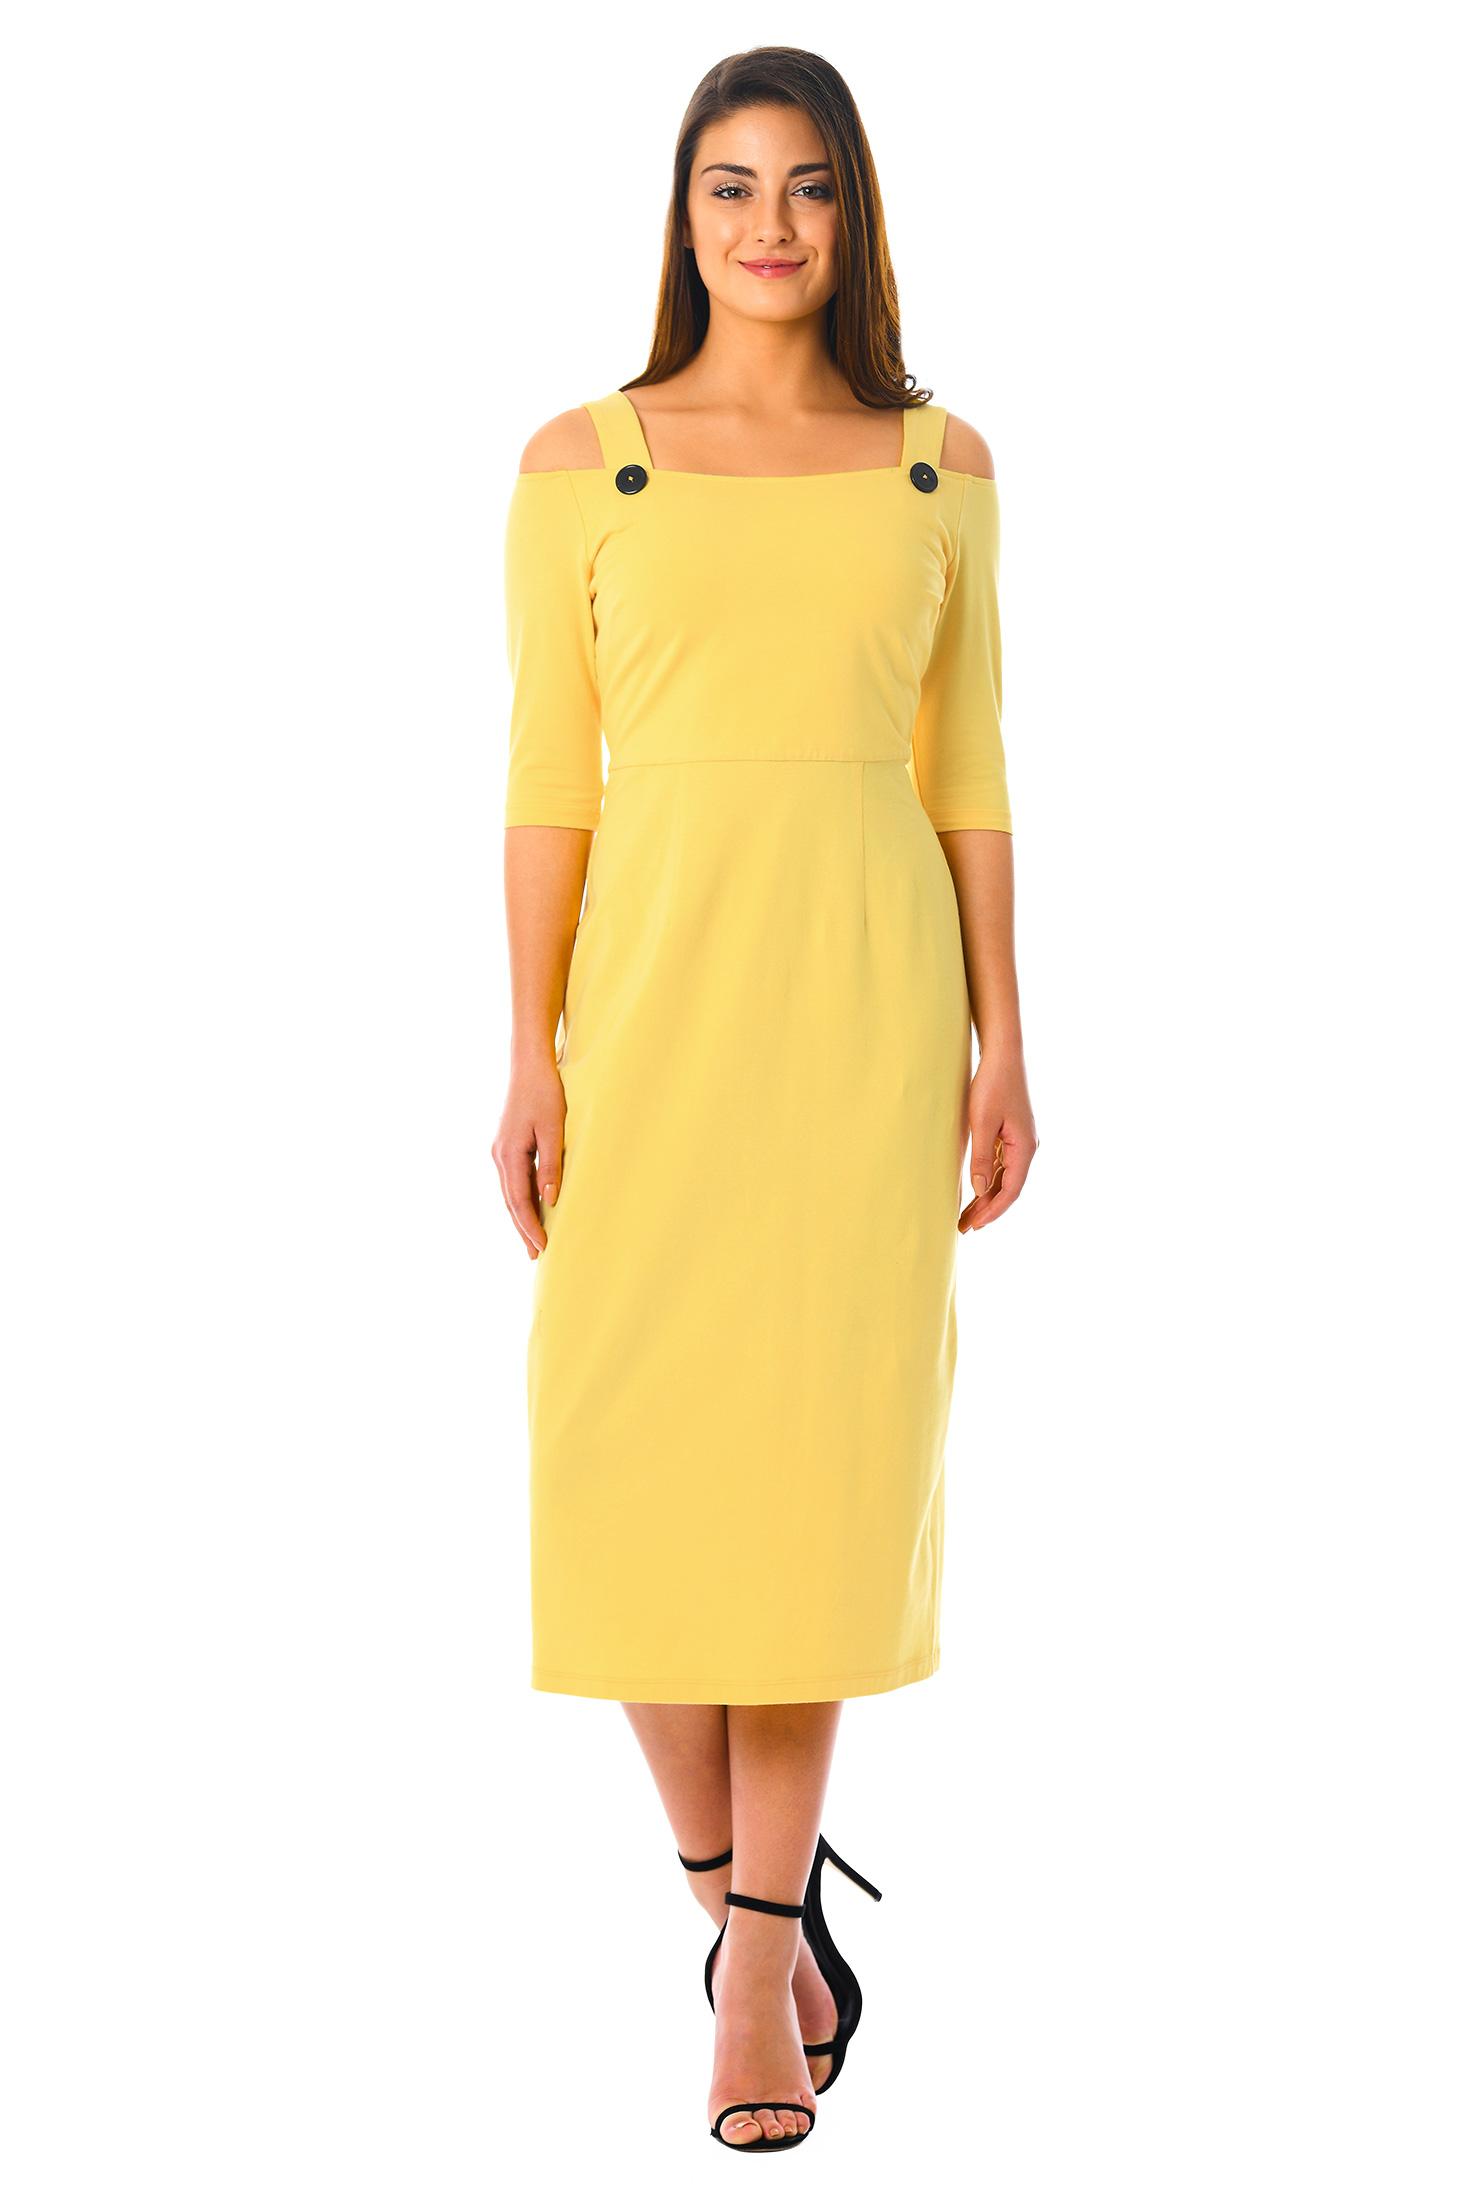 eShakti Women's Cold shoulder cotton knit sheath dress CL0055362